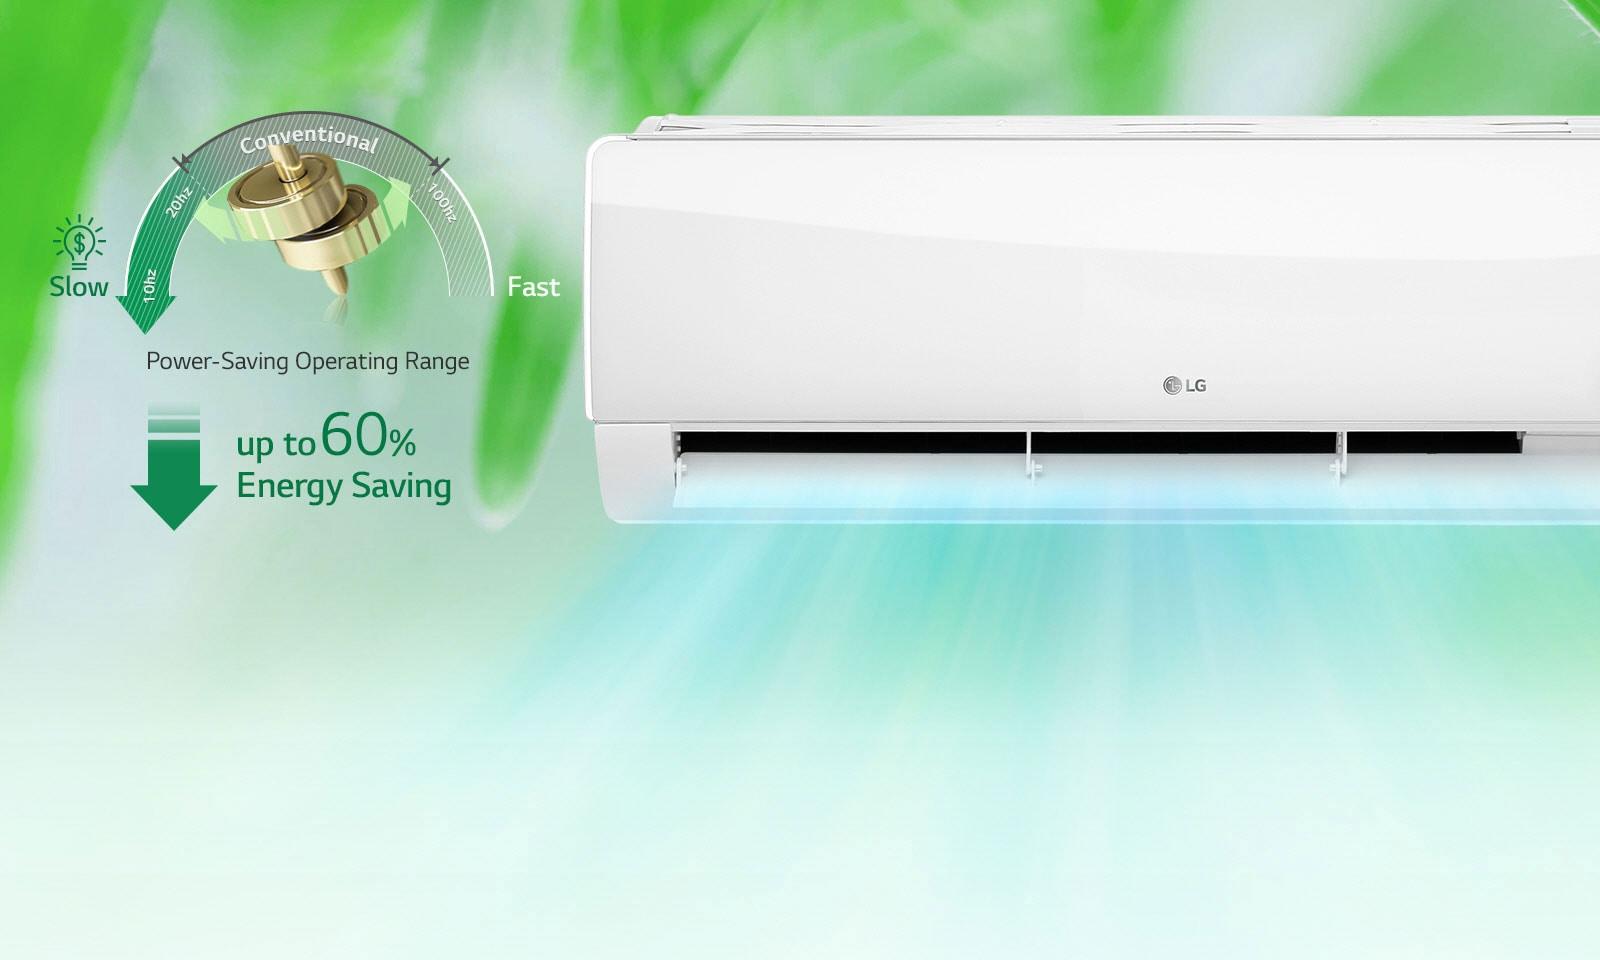 S4-Q18KL3AC_EnergySaving_26032019_D_v